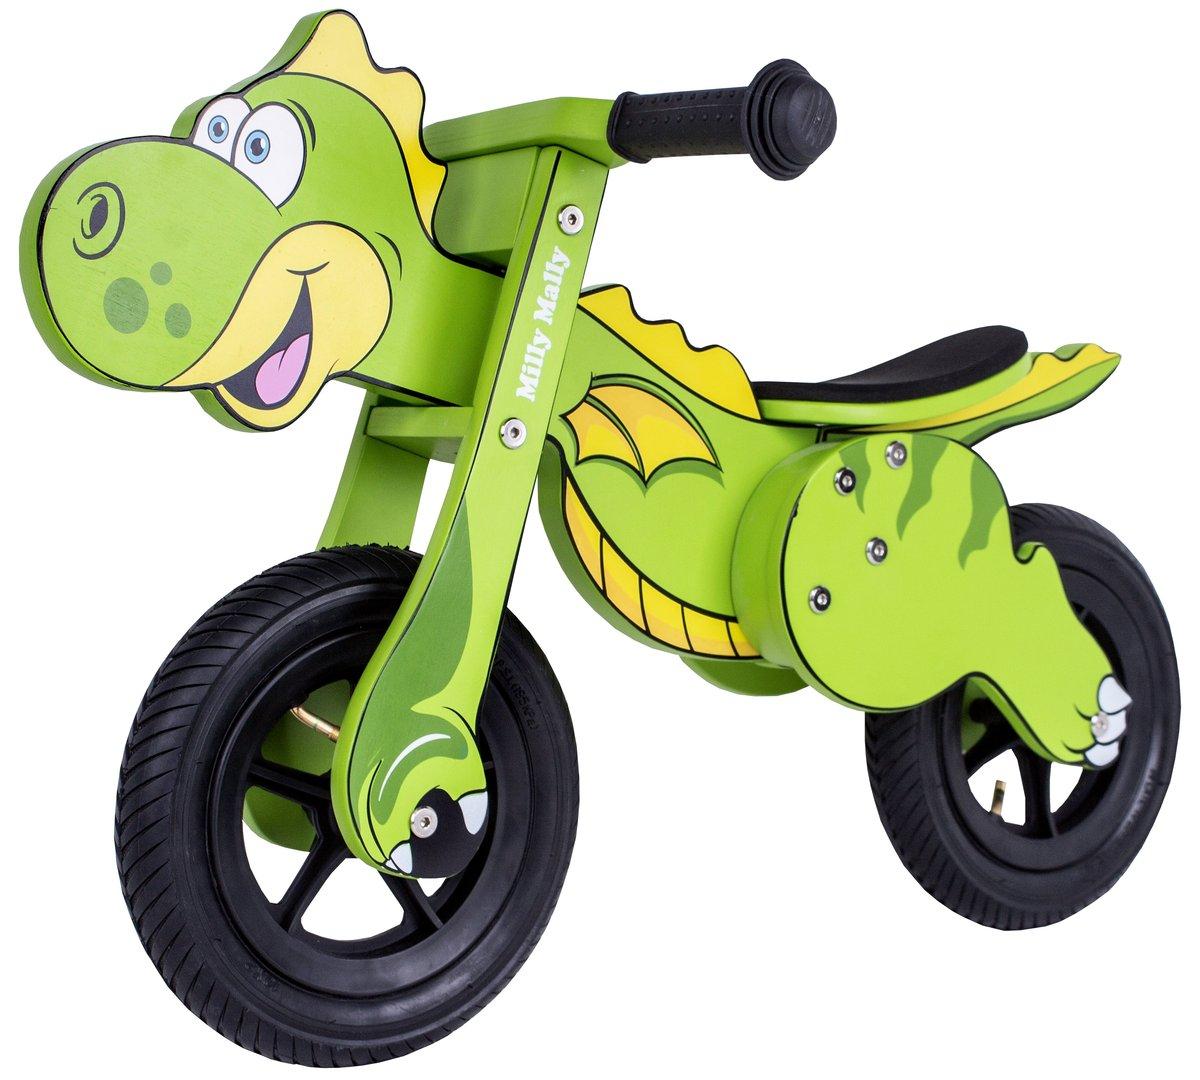 Rowerek biegowy Dino Mini, Milly Mally (wersja Jake Watermelon w cenie 99,95zł)